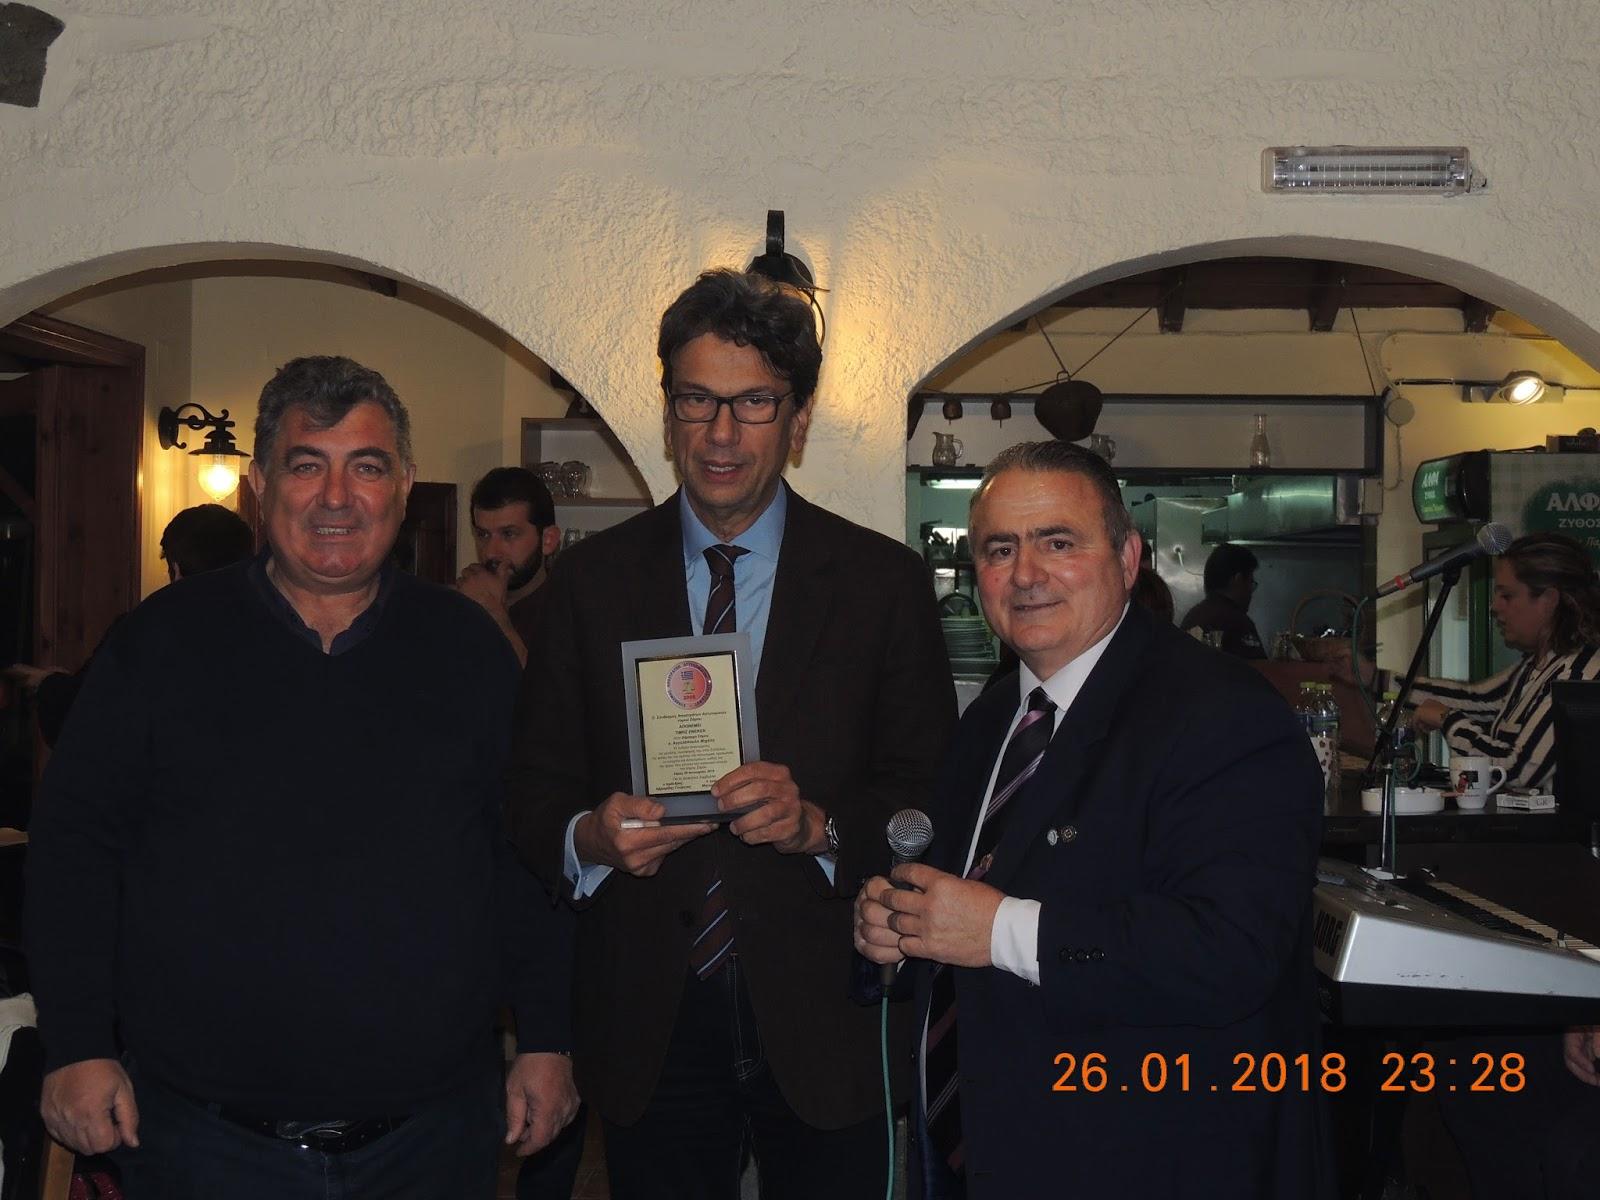 γ) τον Δήμαρχο Σάμου κο Αγγελόπουλο Μιχάλη Σε ένδειξη αναγνώρισης της  μεγάλης προσφοράς του στον Σύνδεσμο de5e40c3fb4